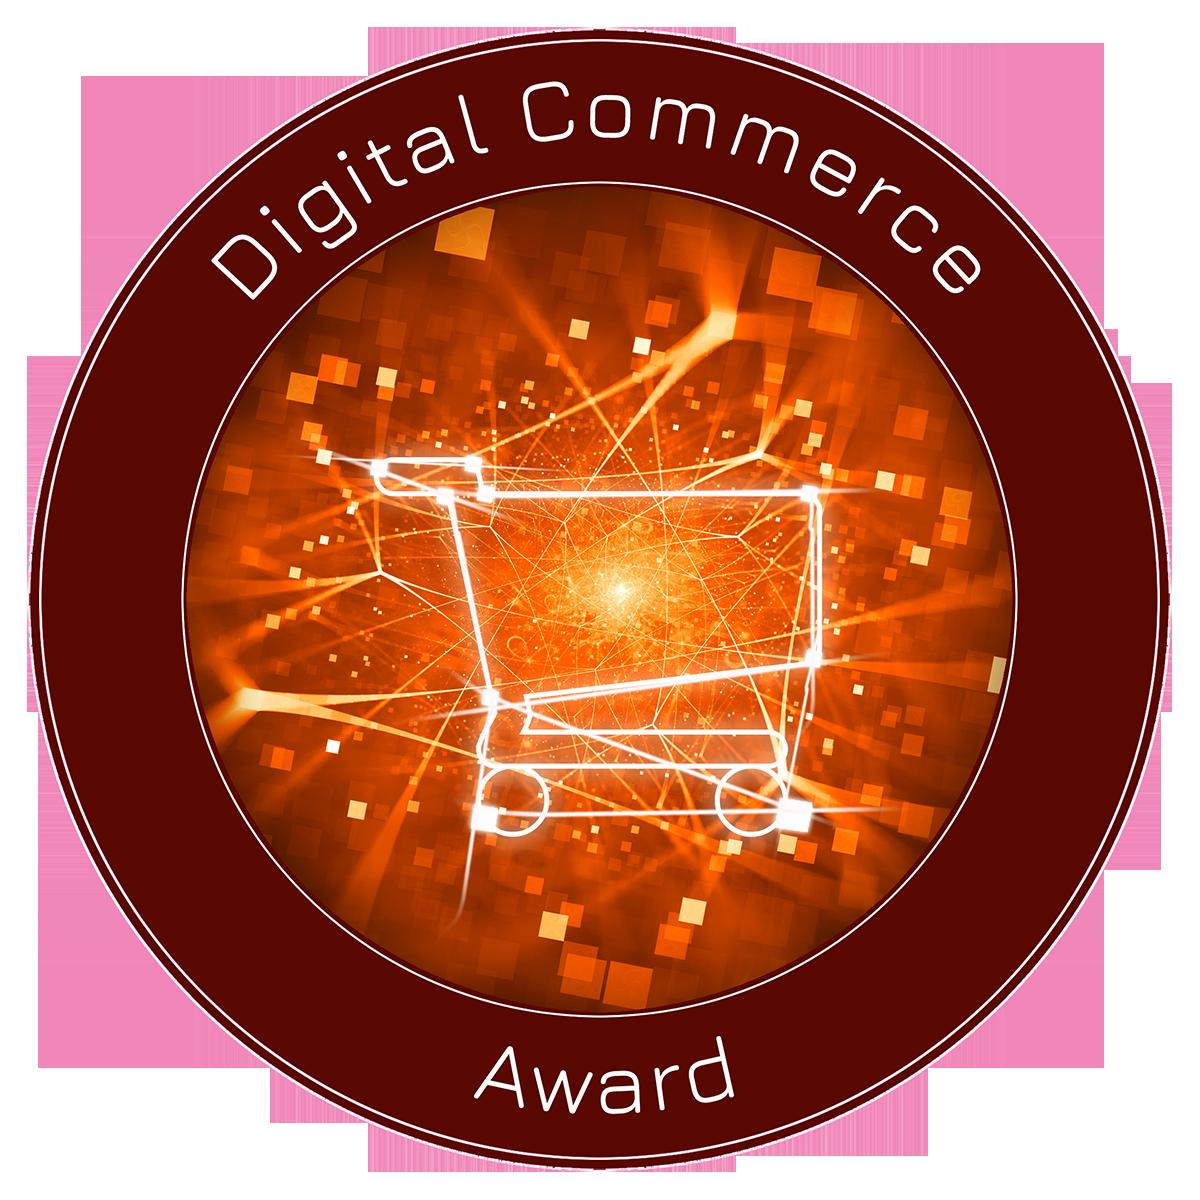 Digital Commerce Awards - die besten Schweizer Onlineshops und Mobilen Shoppinganwendungen